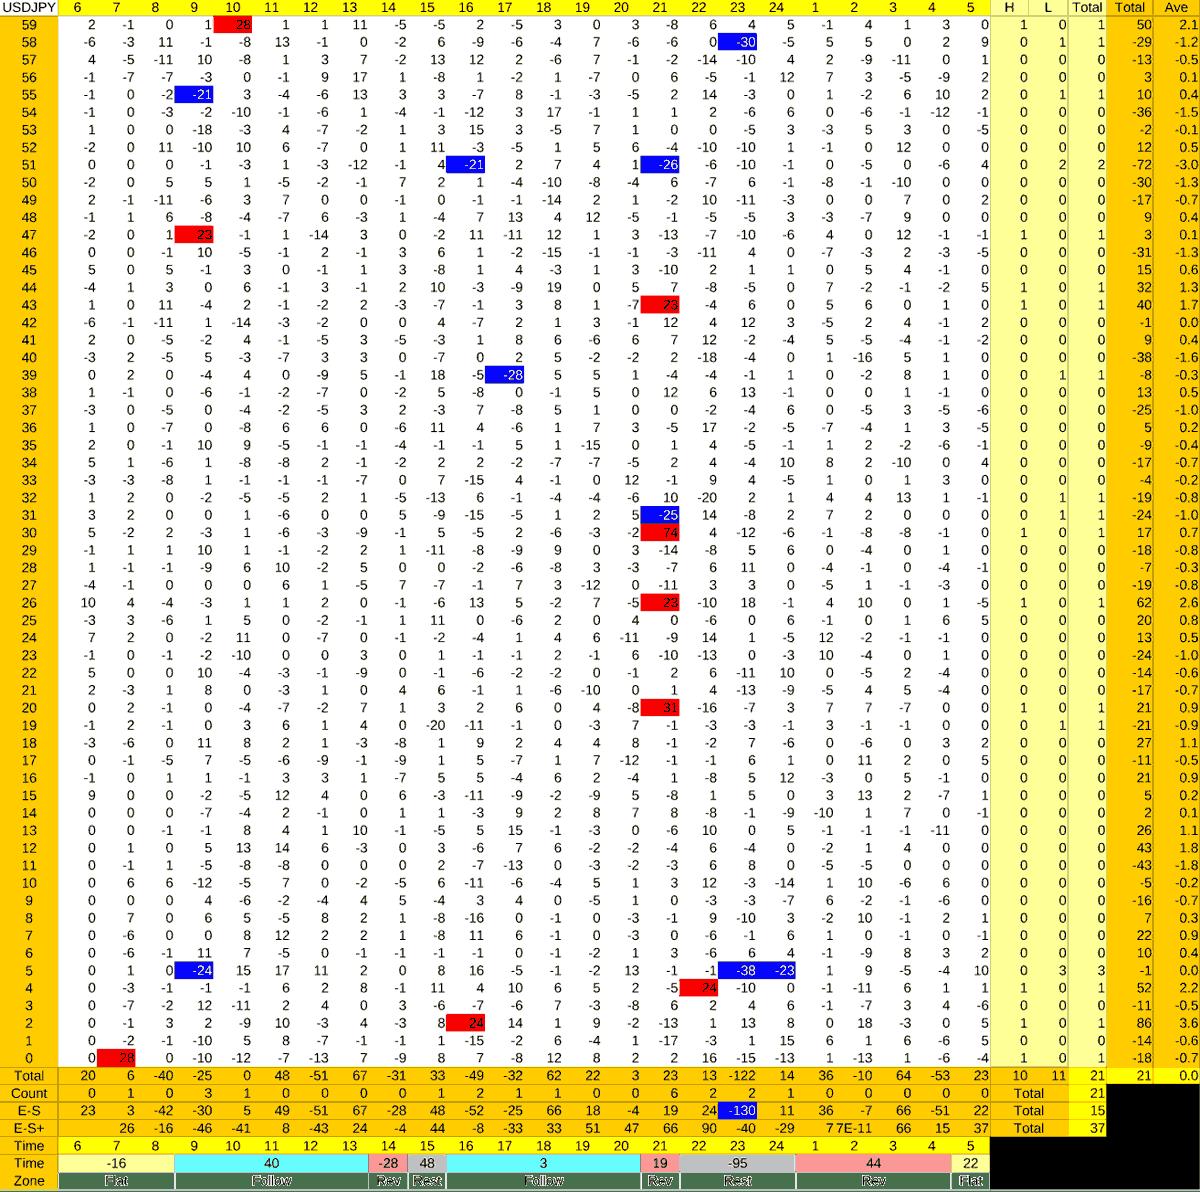 20210812_HS(1)USDJPY-min